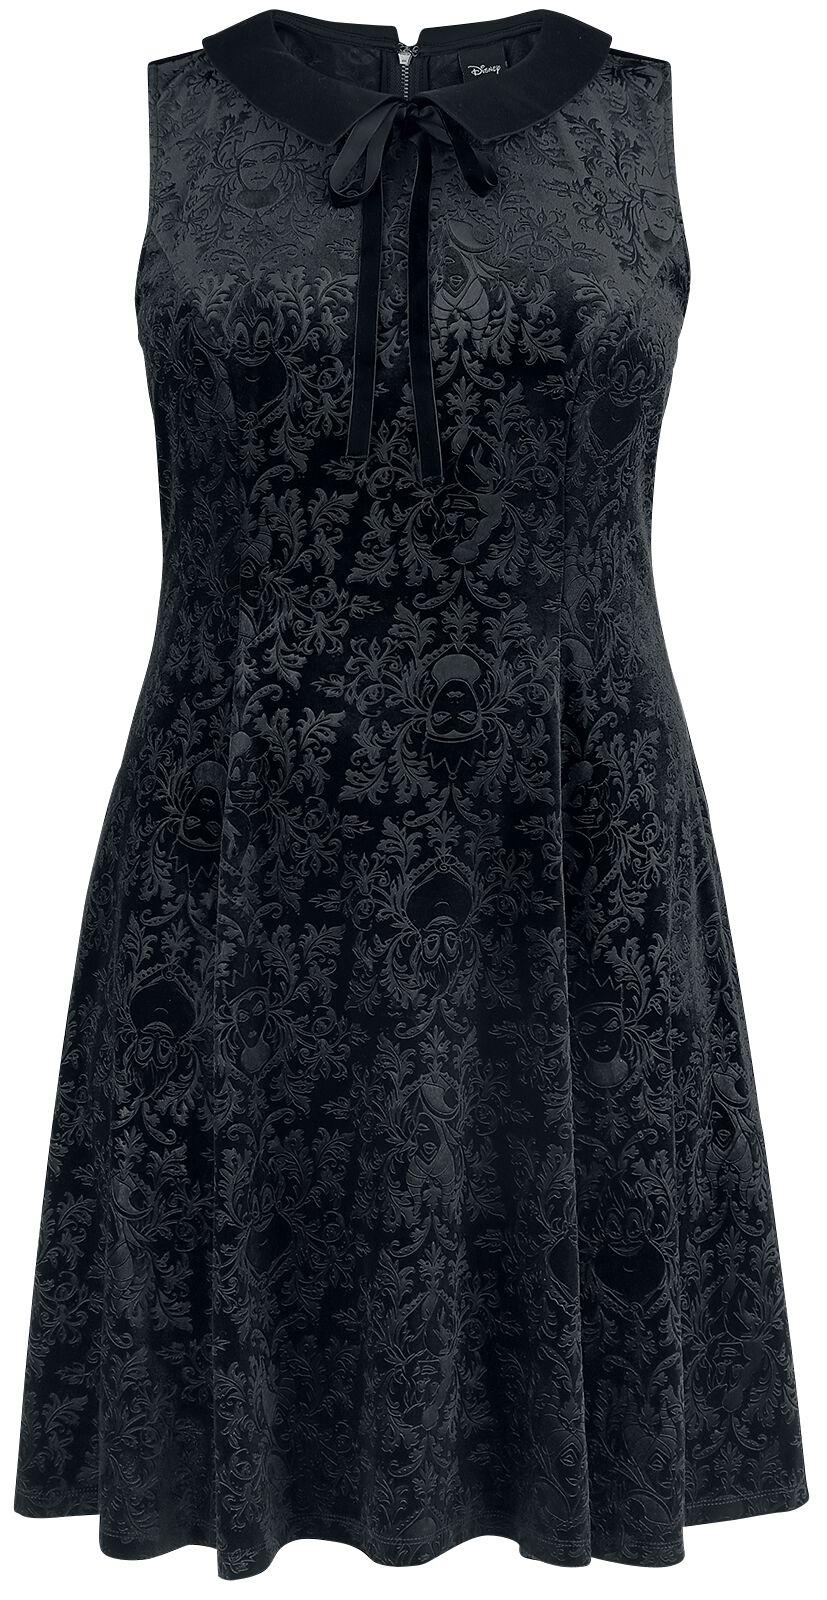 Merch dla Fanów - Sukienki - Sukienka Disney Villains Damask Sukienka czarny - 358056